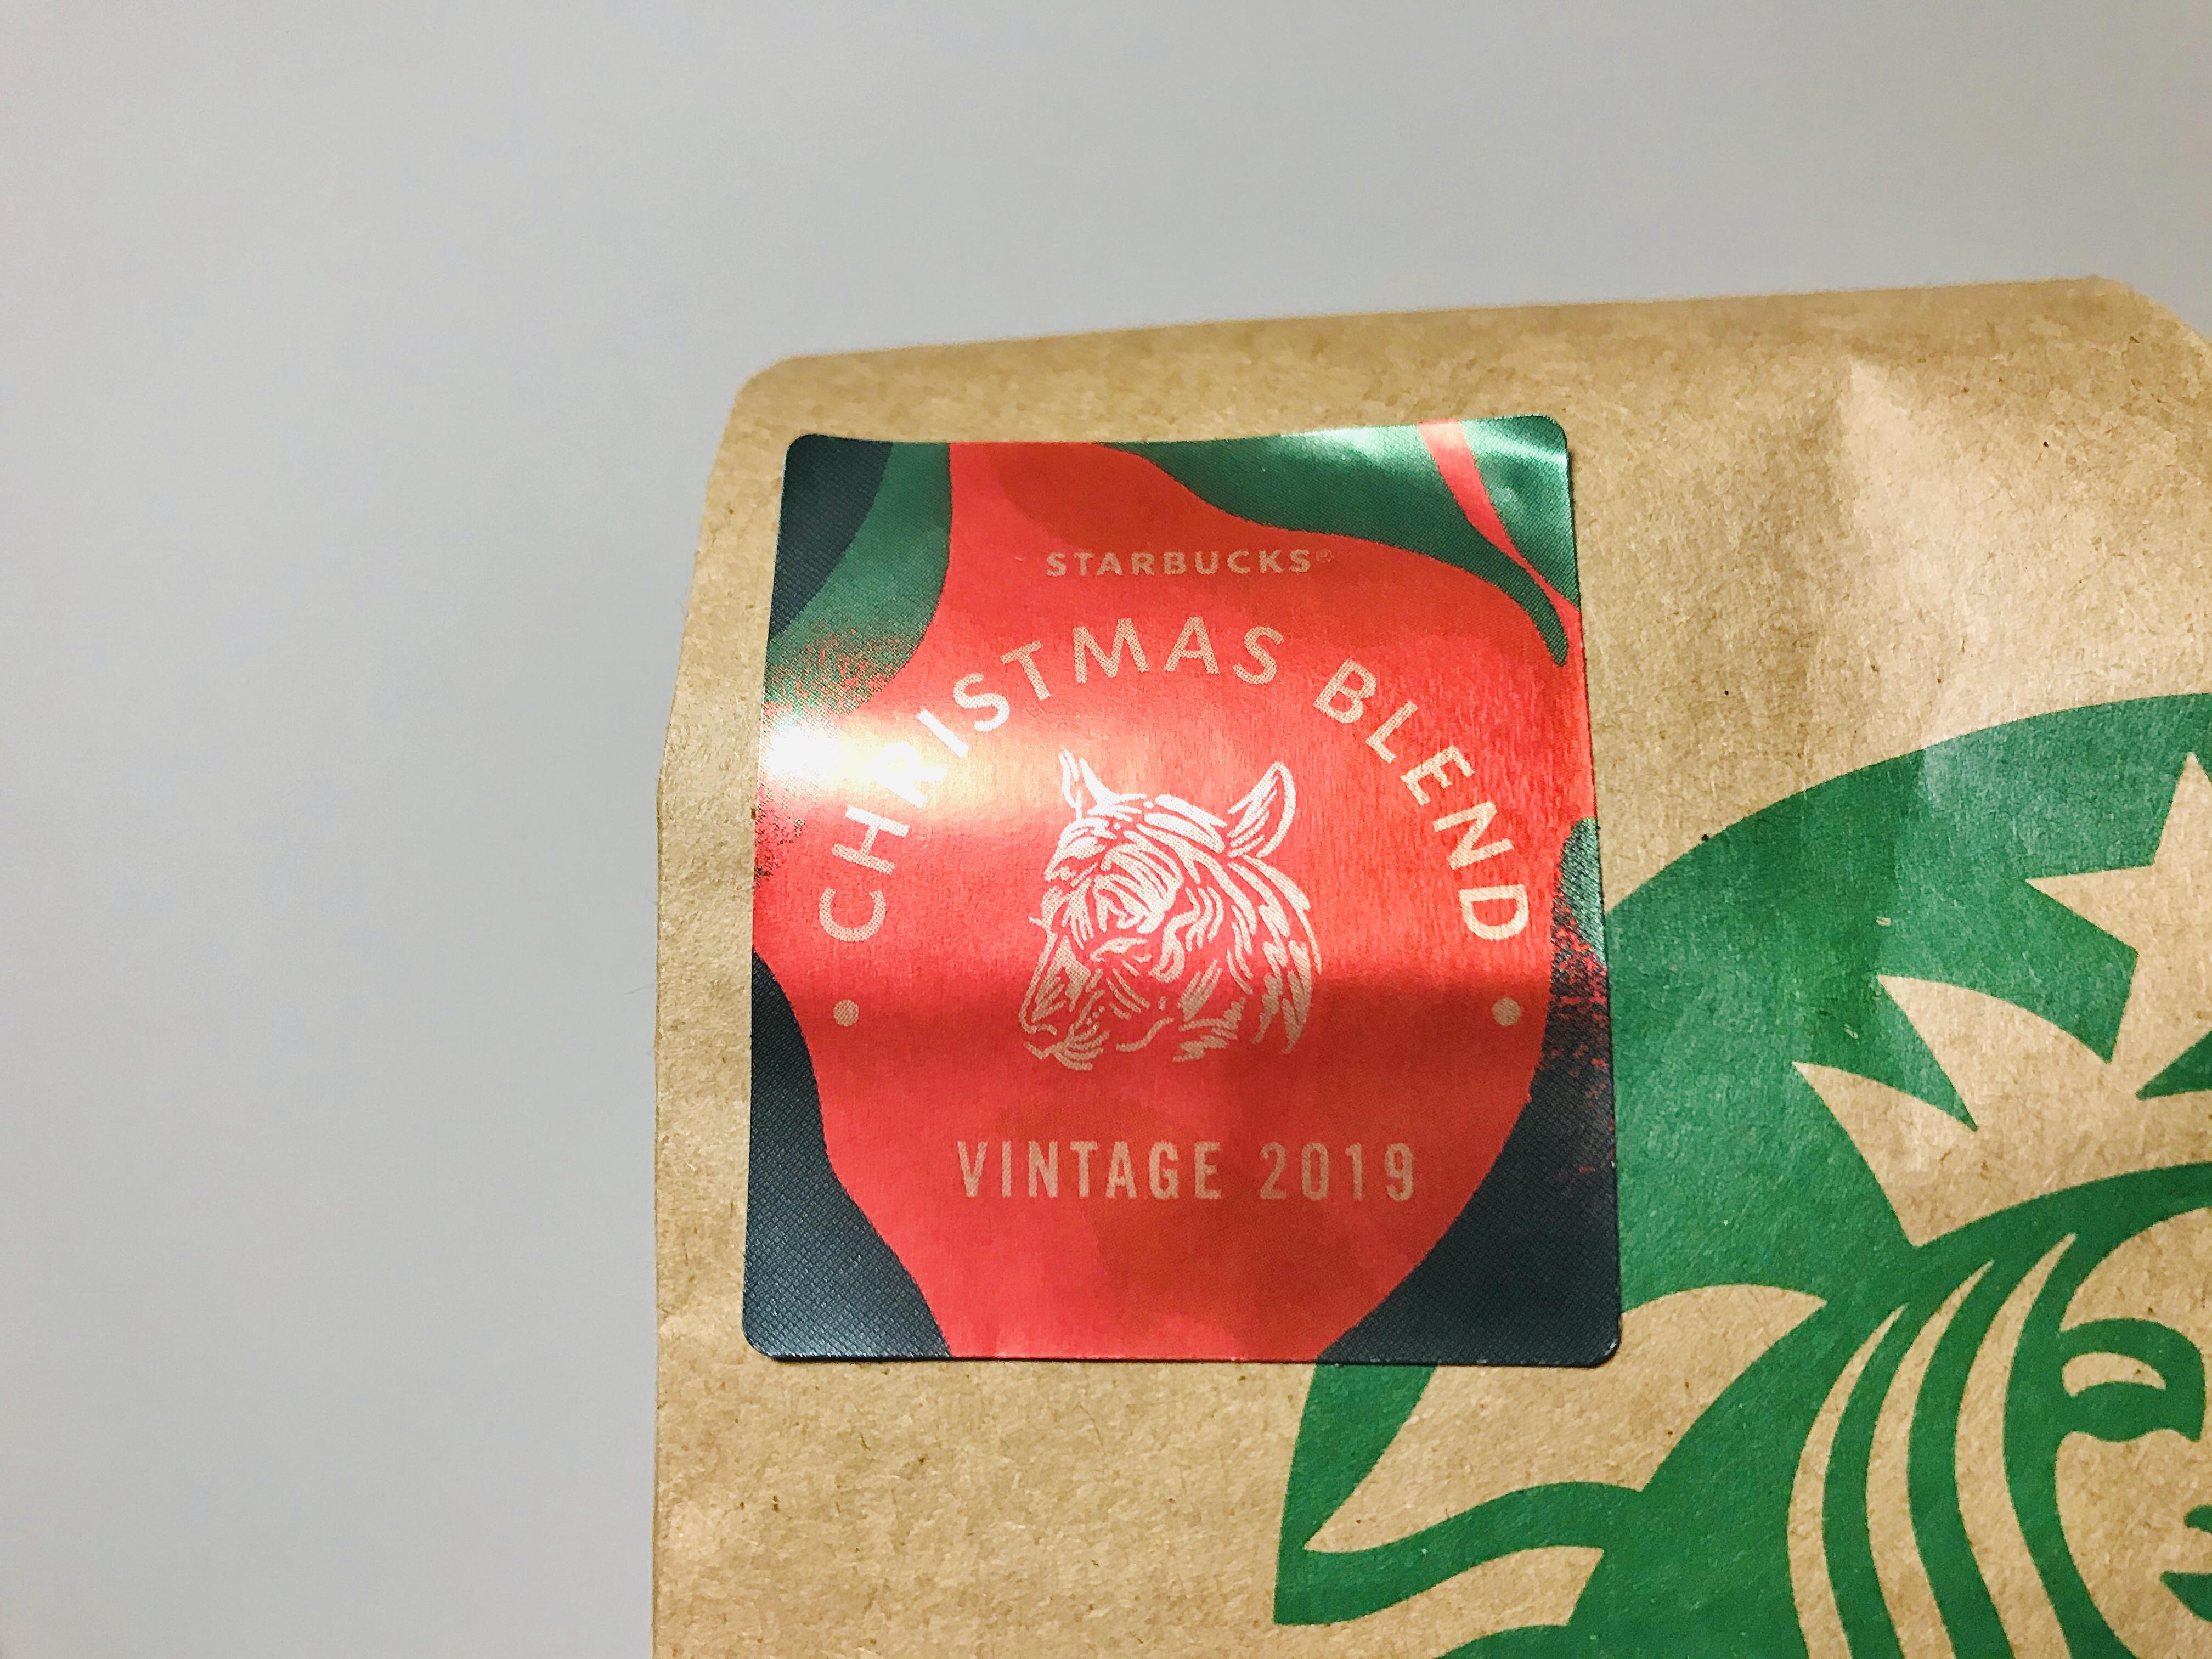 スタバ「クリスマスブレンド 2019」全3種を飲み比べ!人気のシーズナブルコーヒー今年の味は?